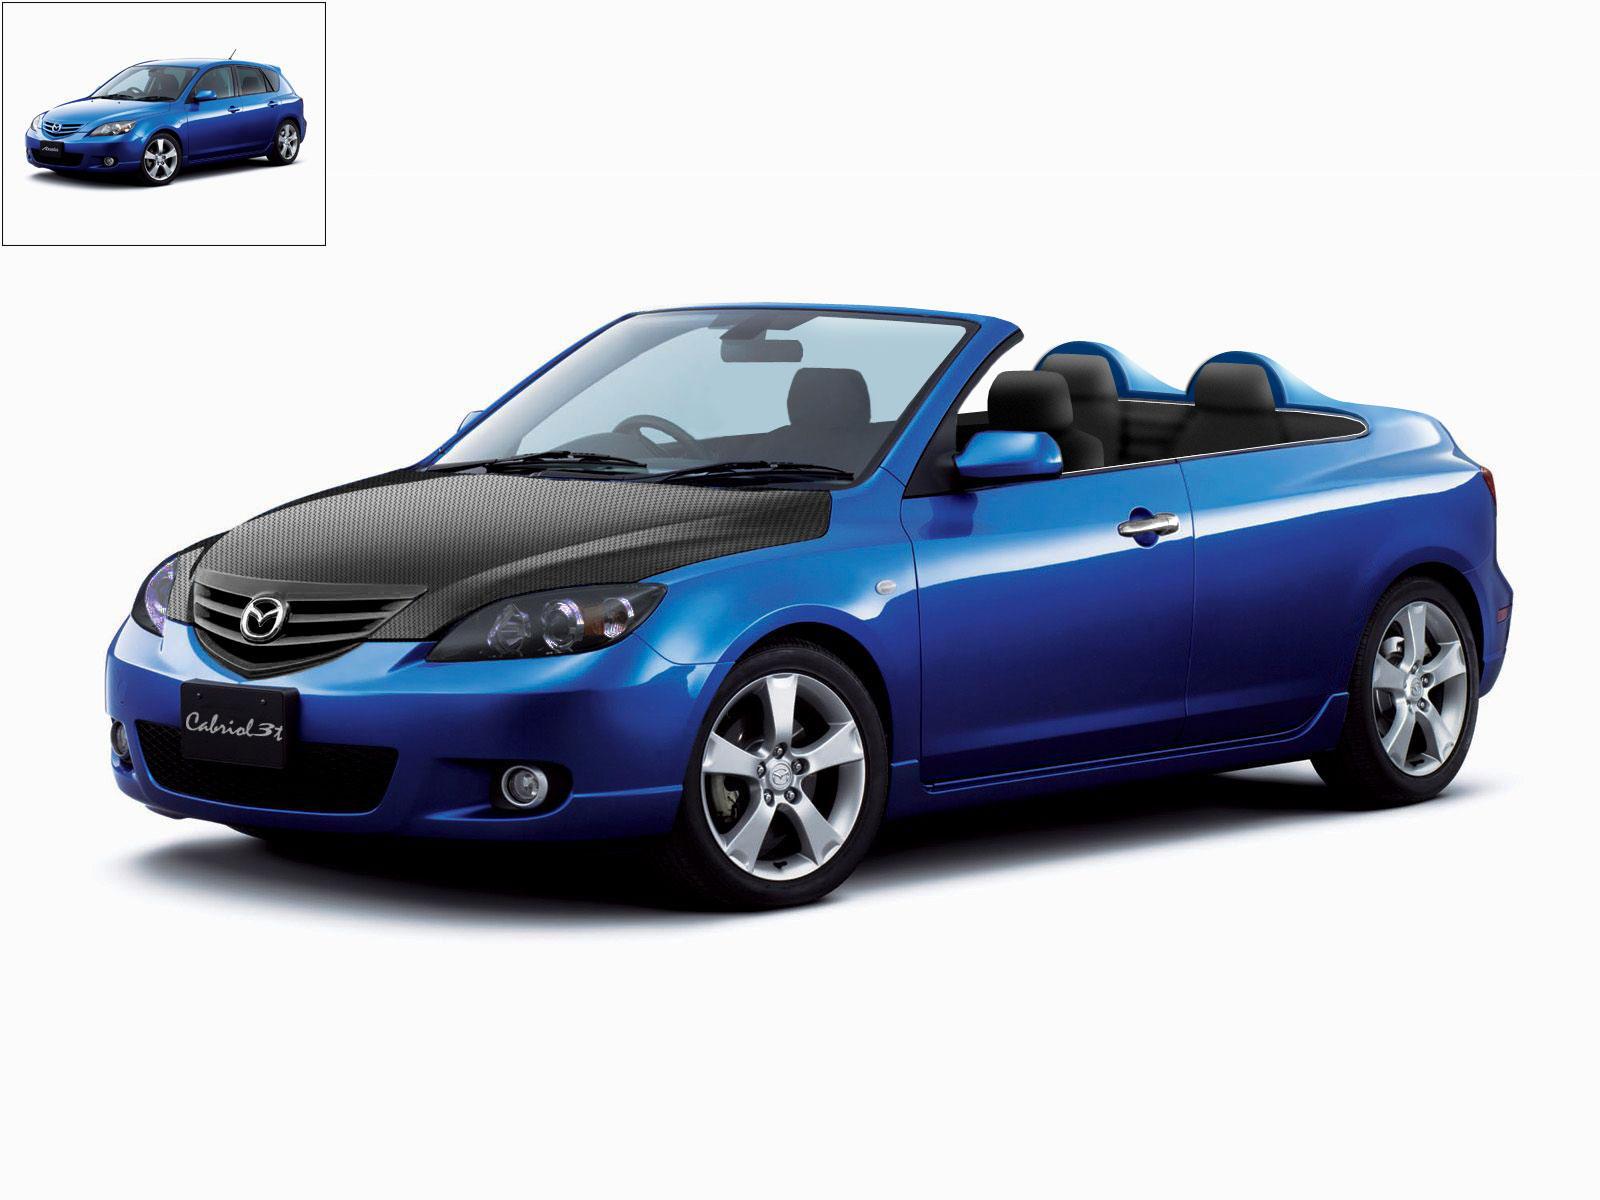 Mazda_3_Cabriolet.jpg